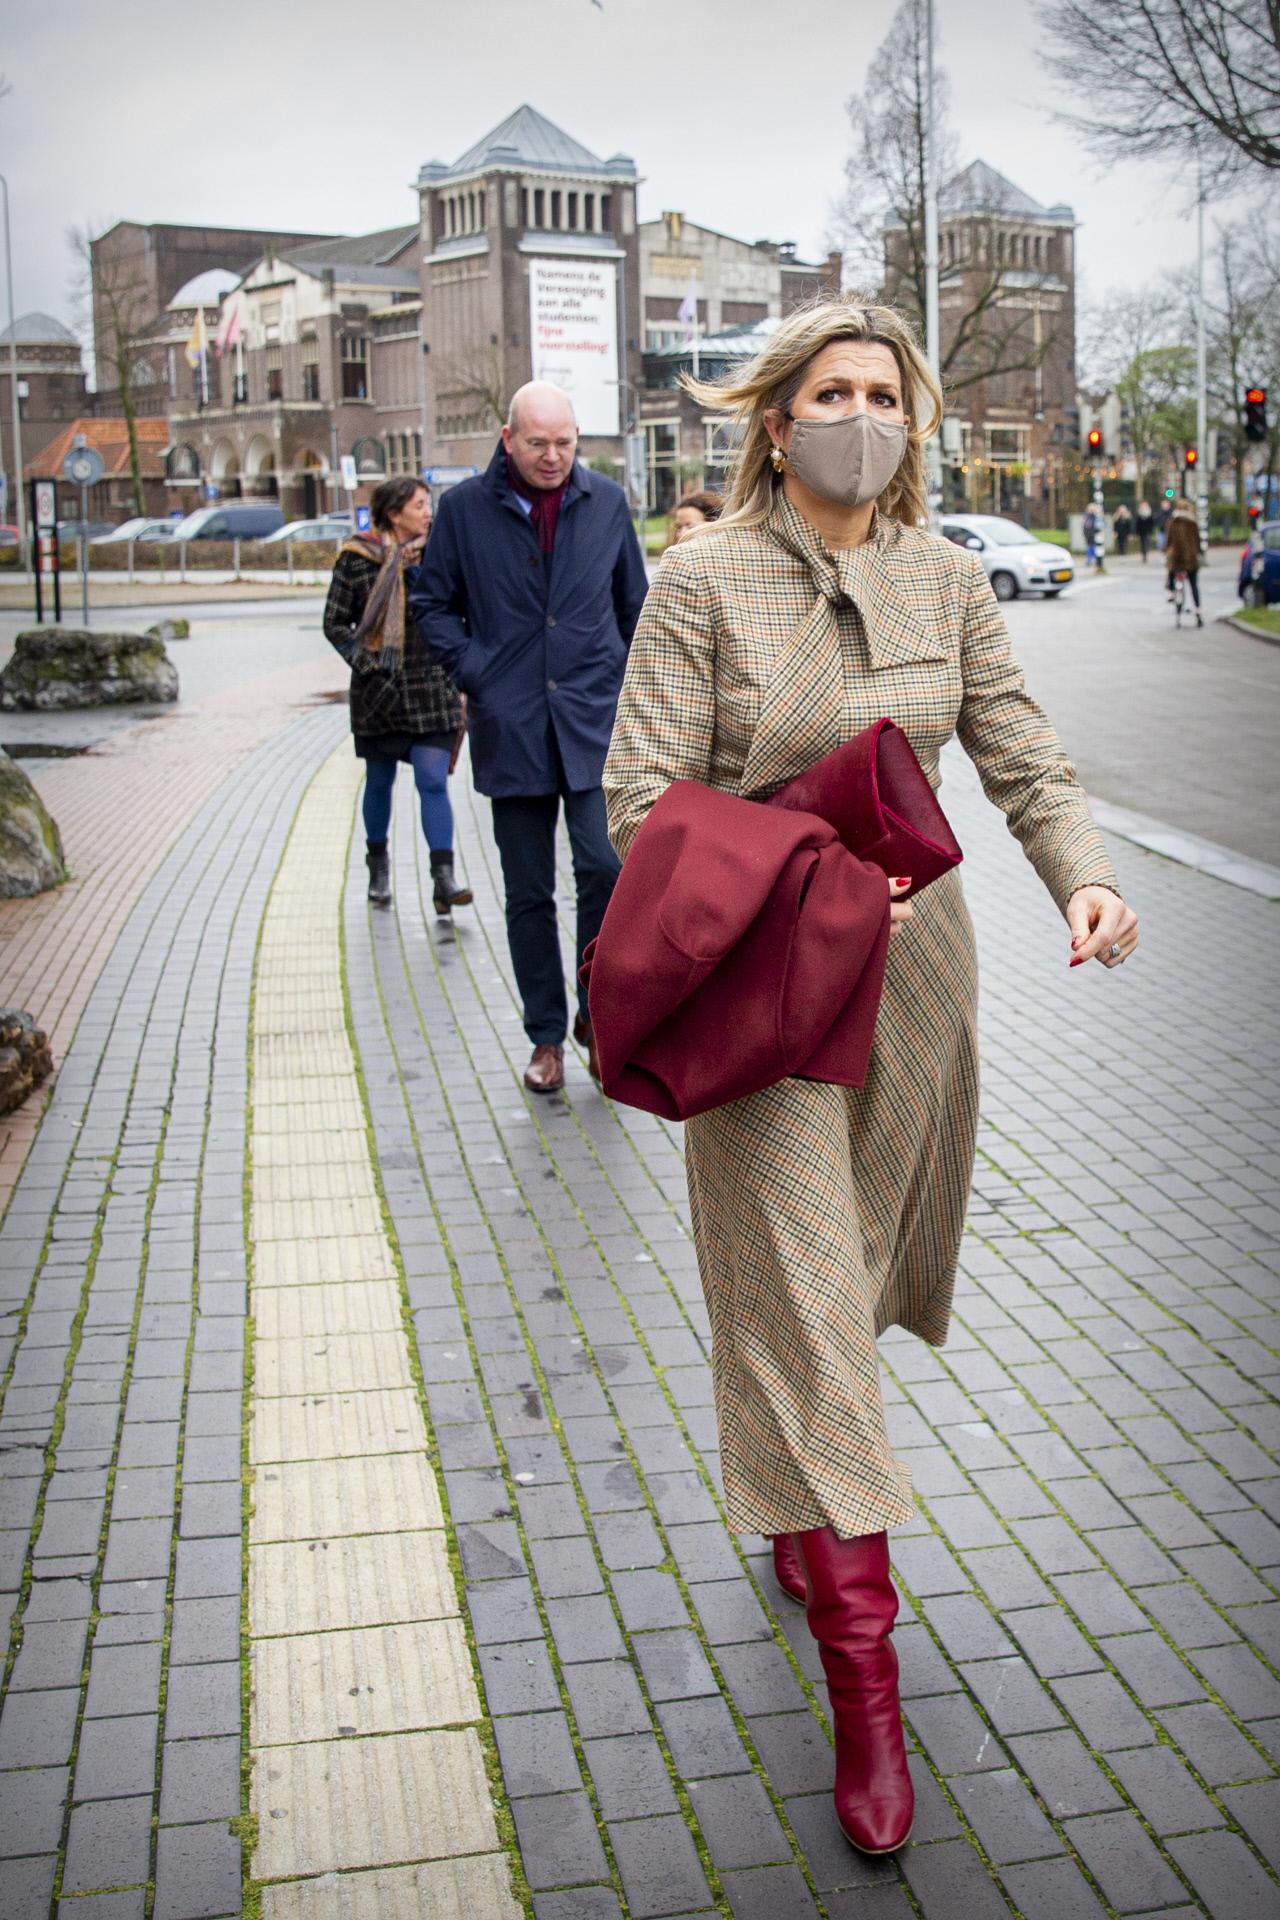 Máxima de Holanda con vestido de cuadros y botas rojas.